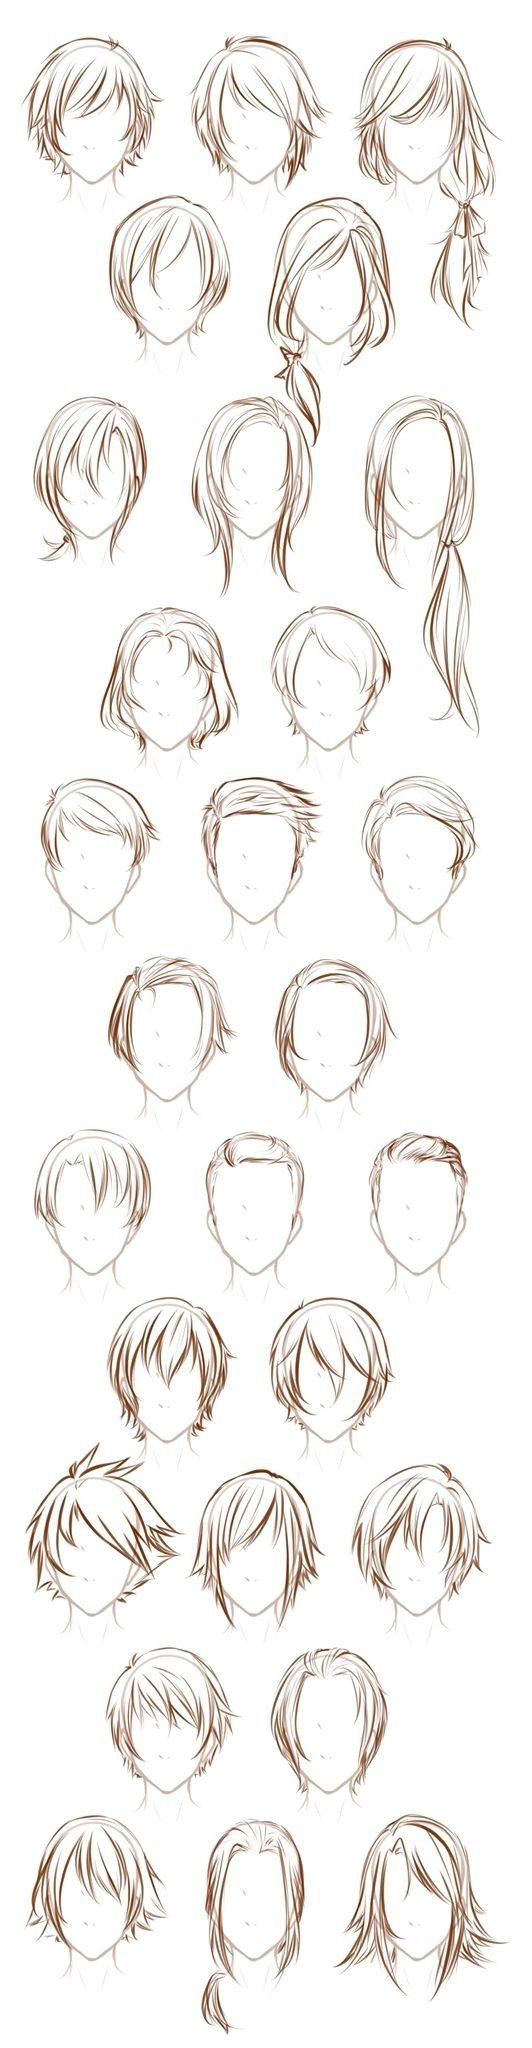 Einzigartige niedliche Drawn Frisuren